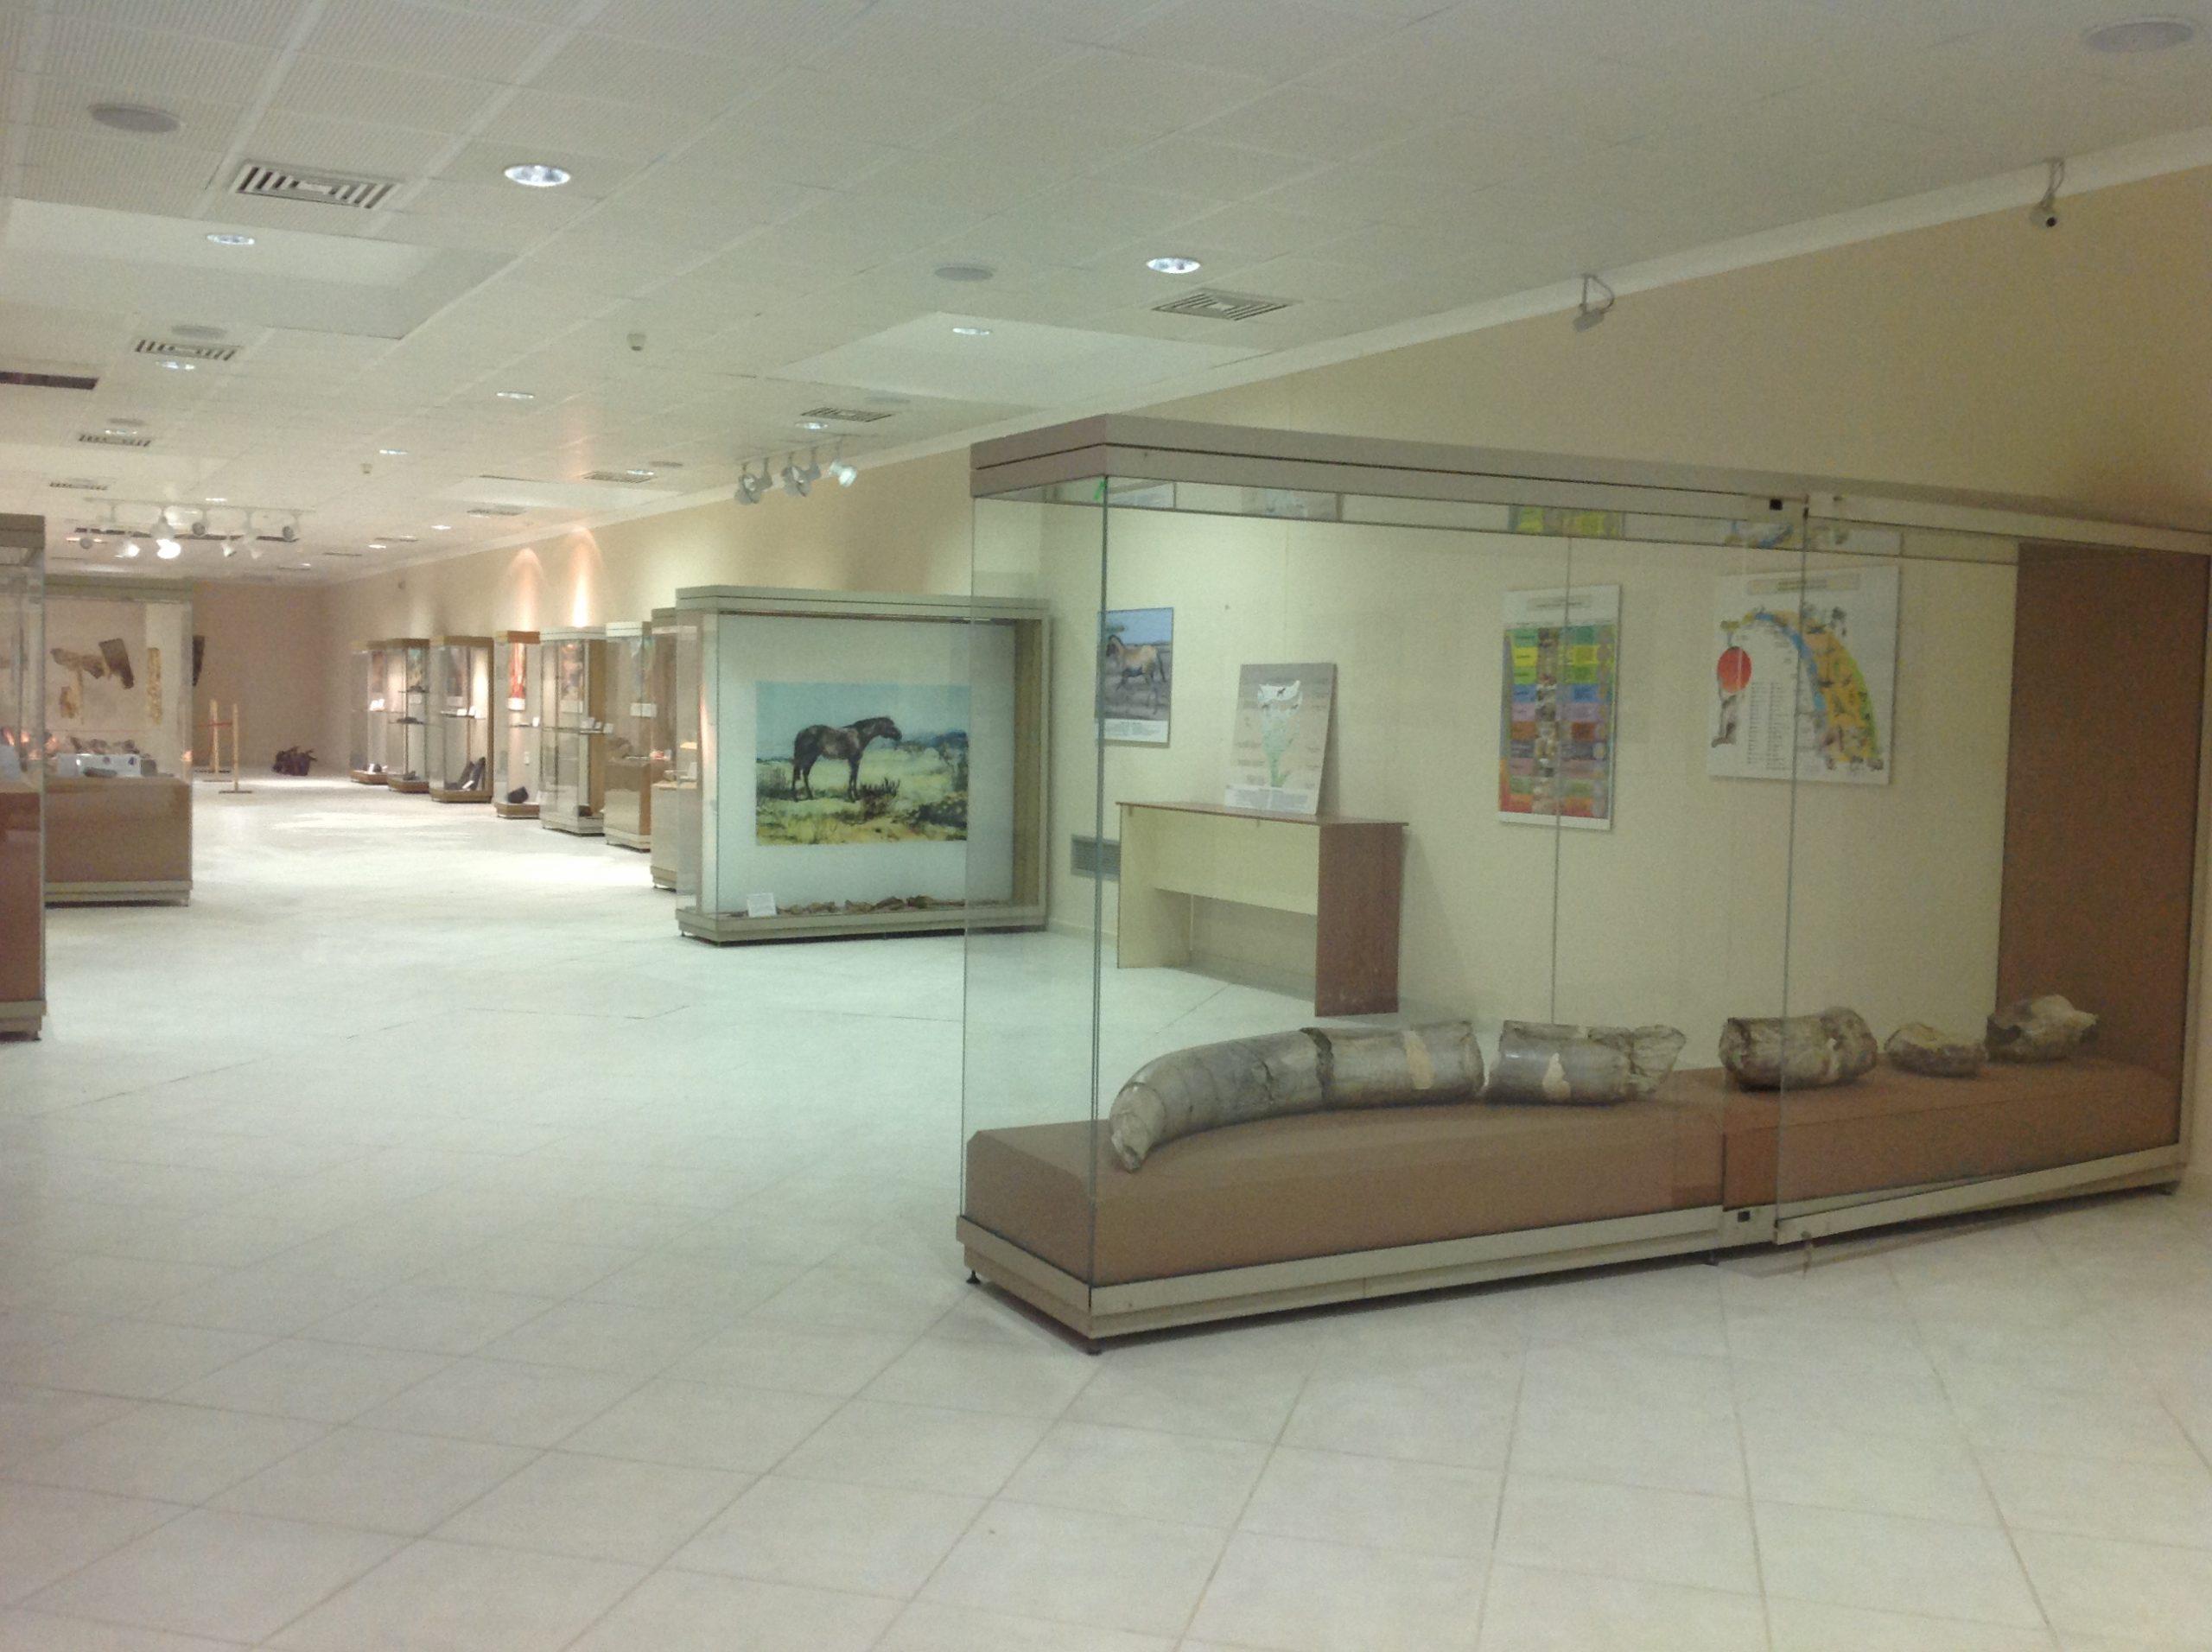 Εκθέματα @Ιστορικό-Παλαιοντολογικό Μουσείο Πτολεμαϊδας